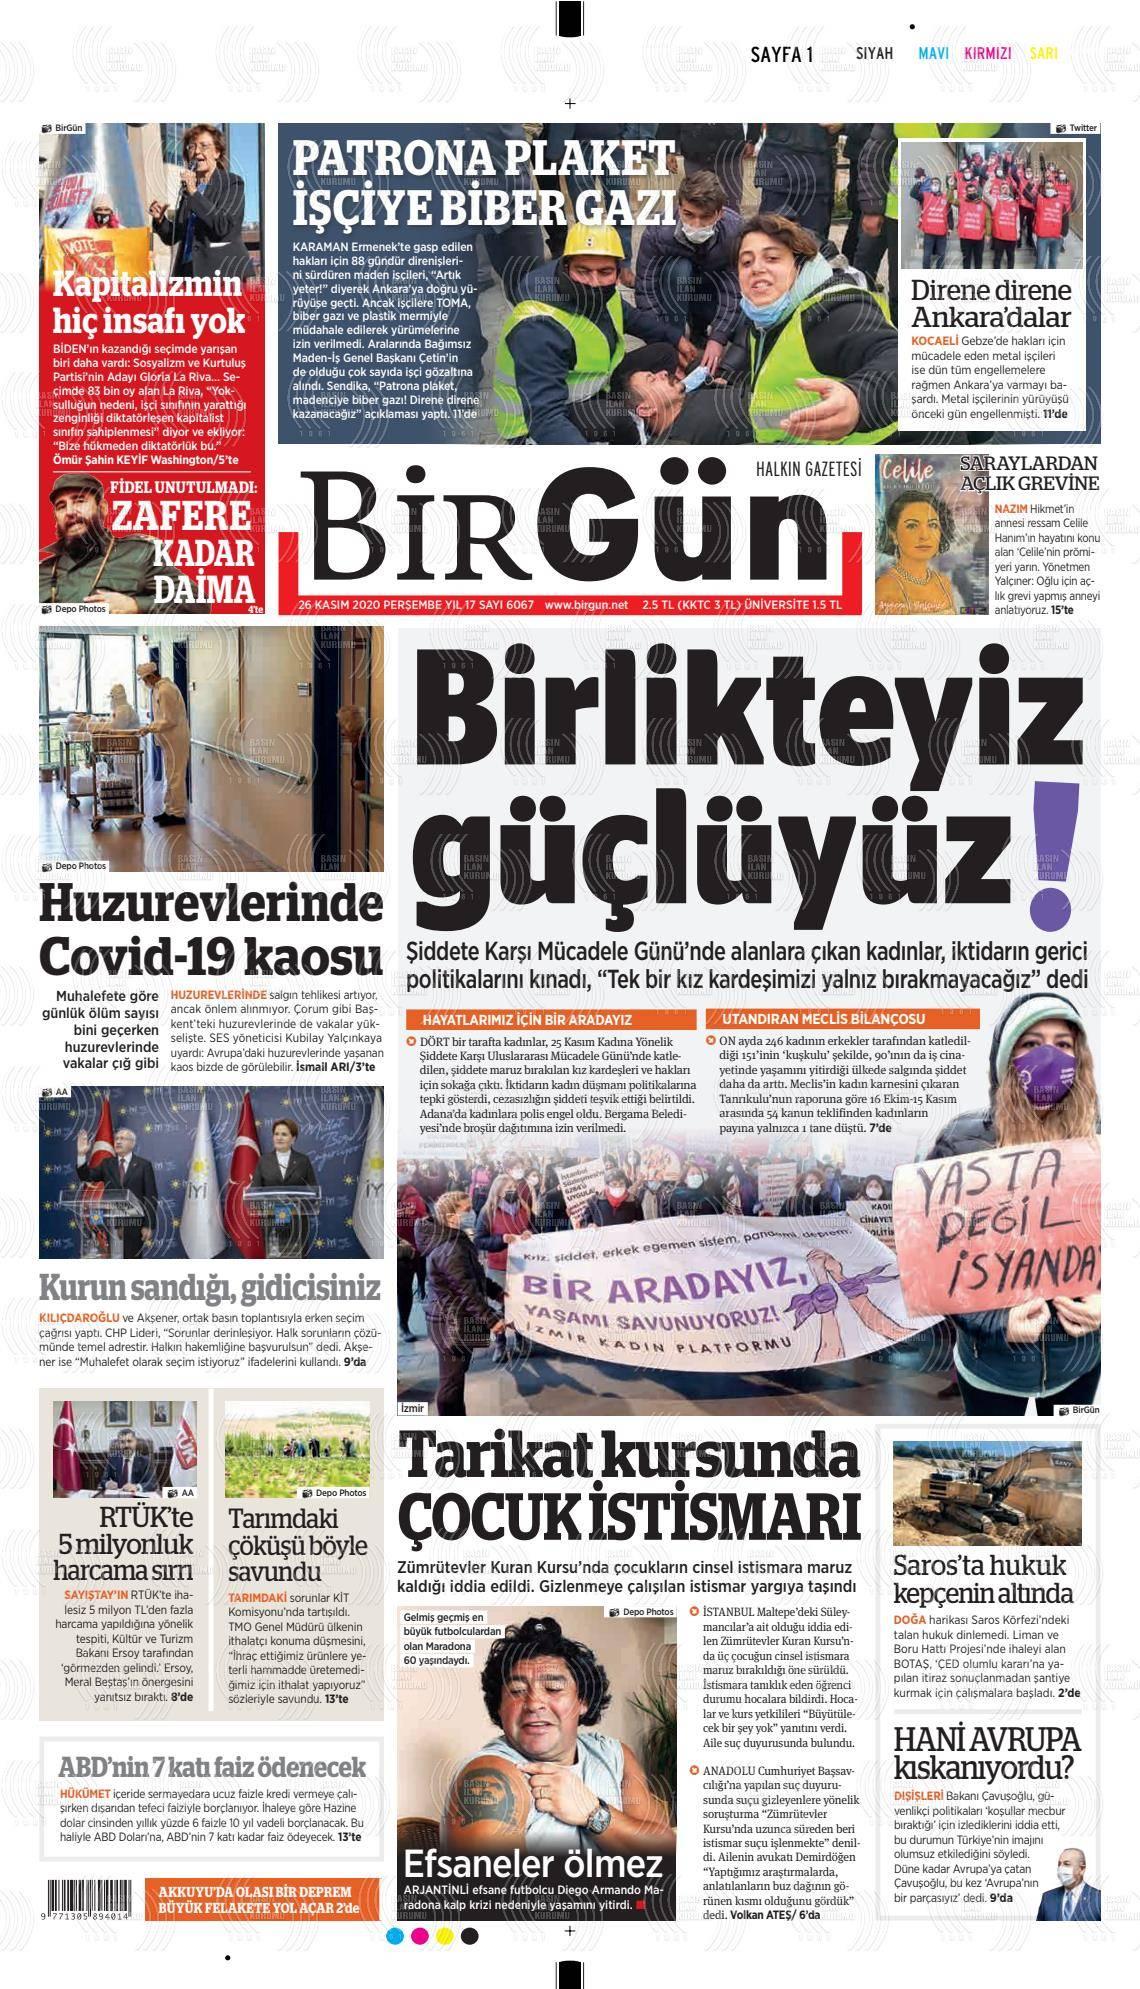 Halkın Gazetesi Birgün